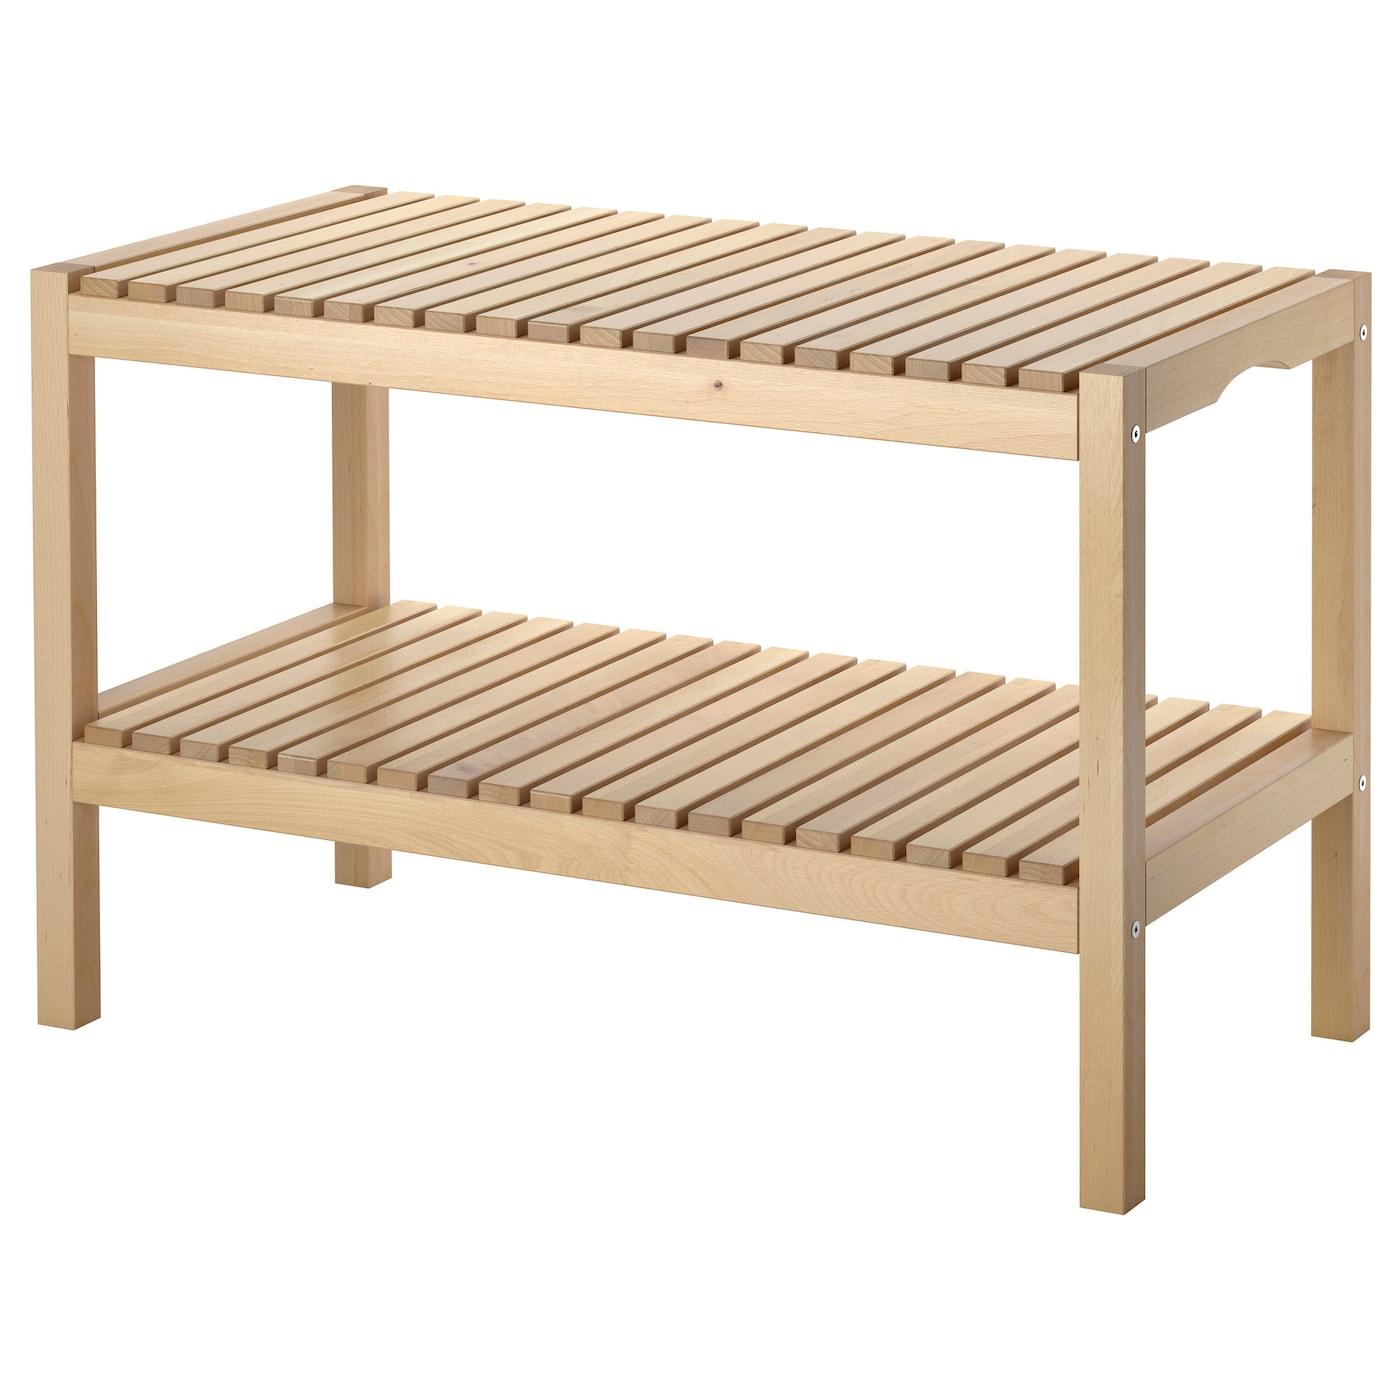 Molger Bench - Birch tout Banc Ikea